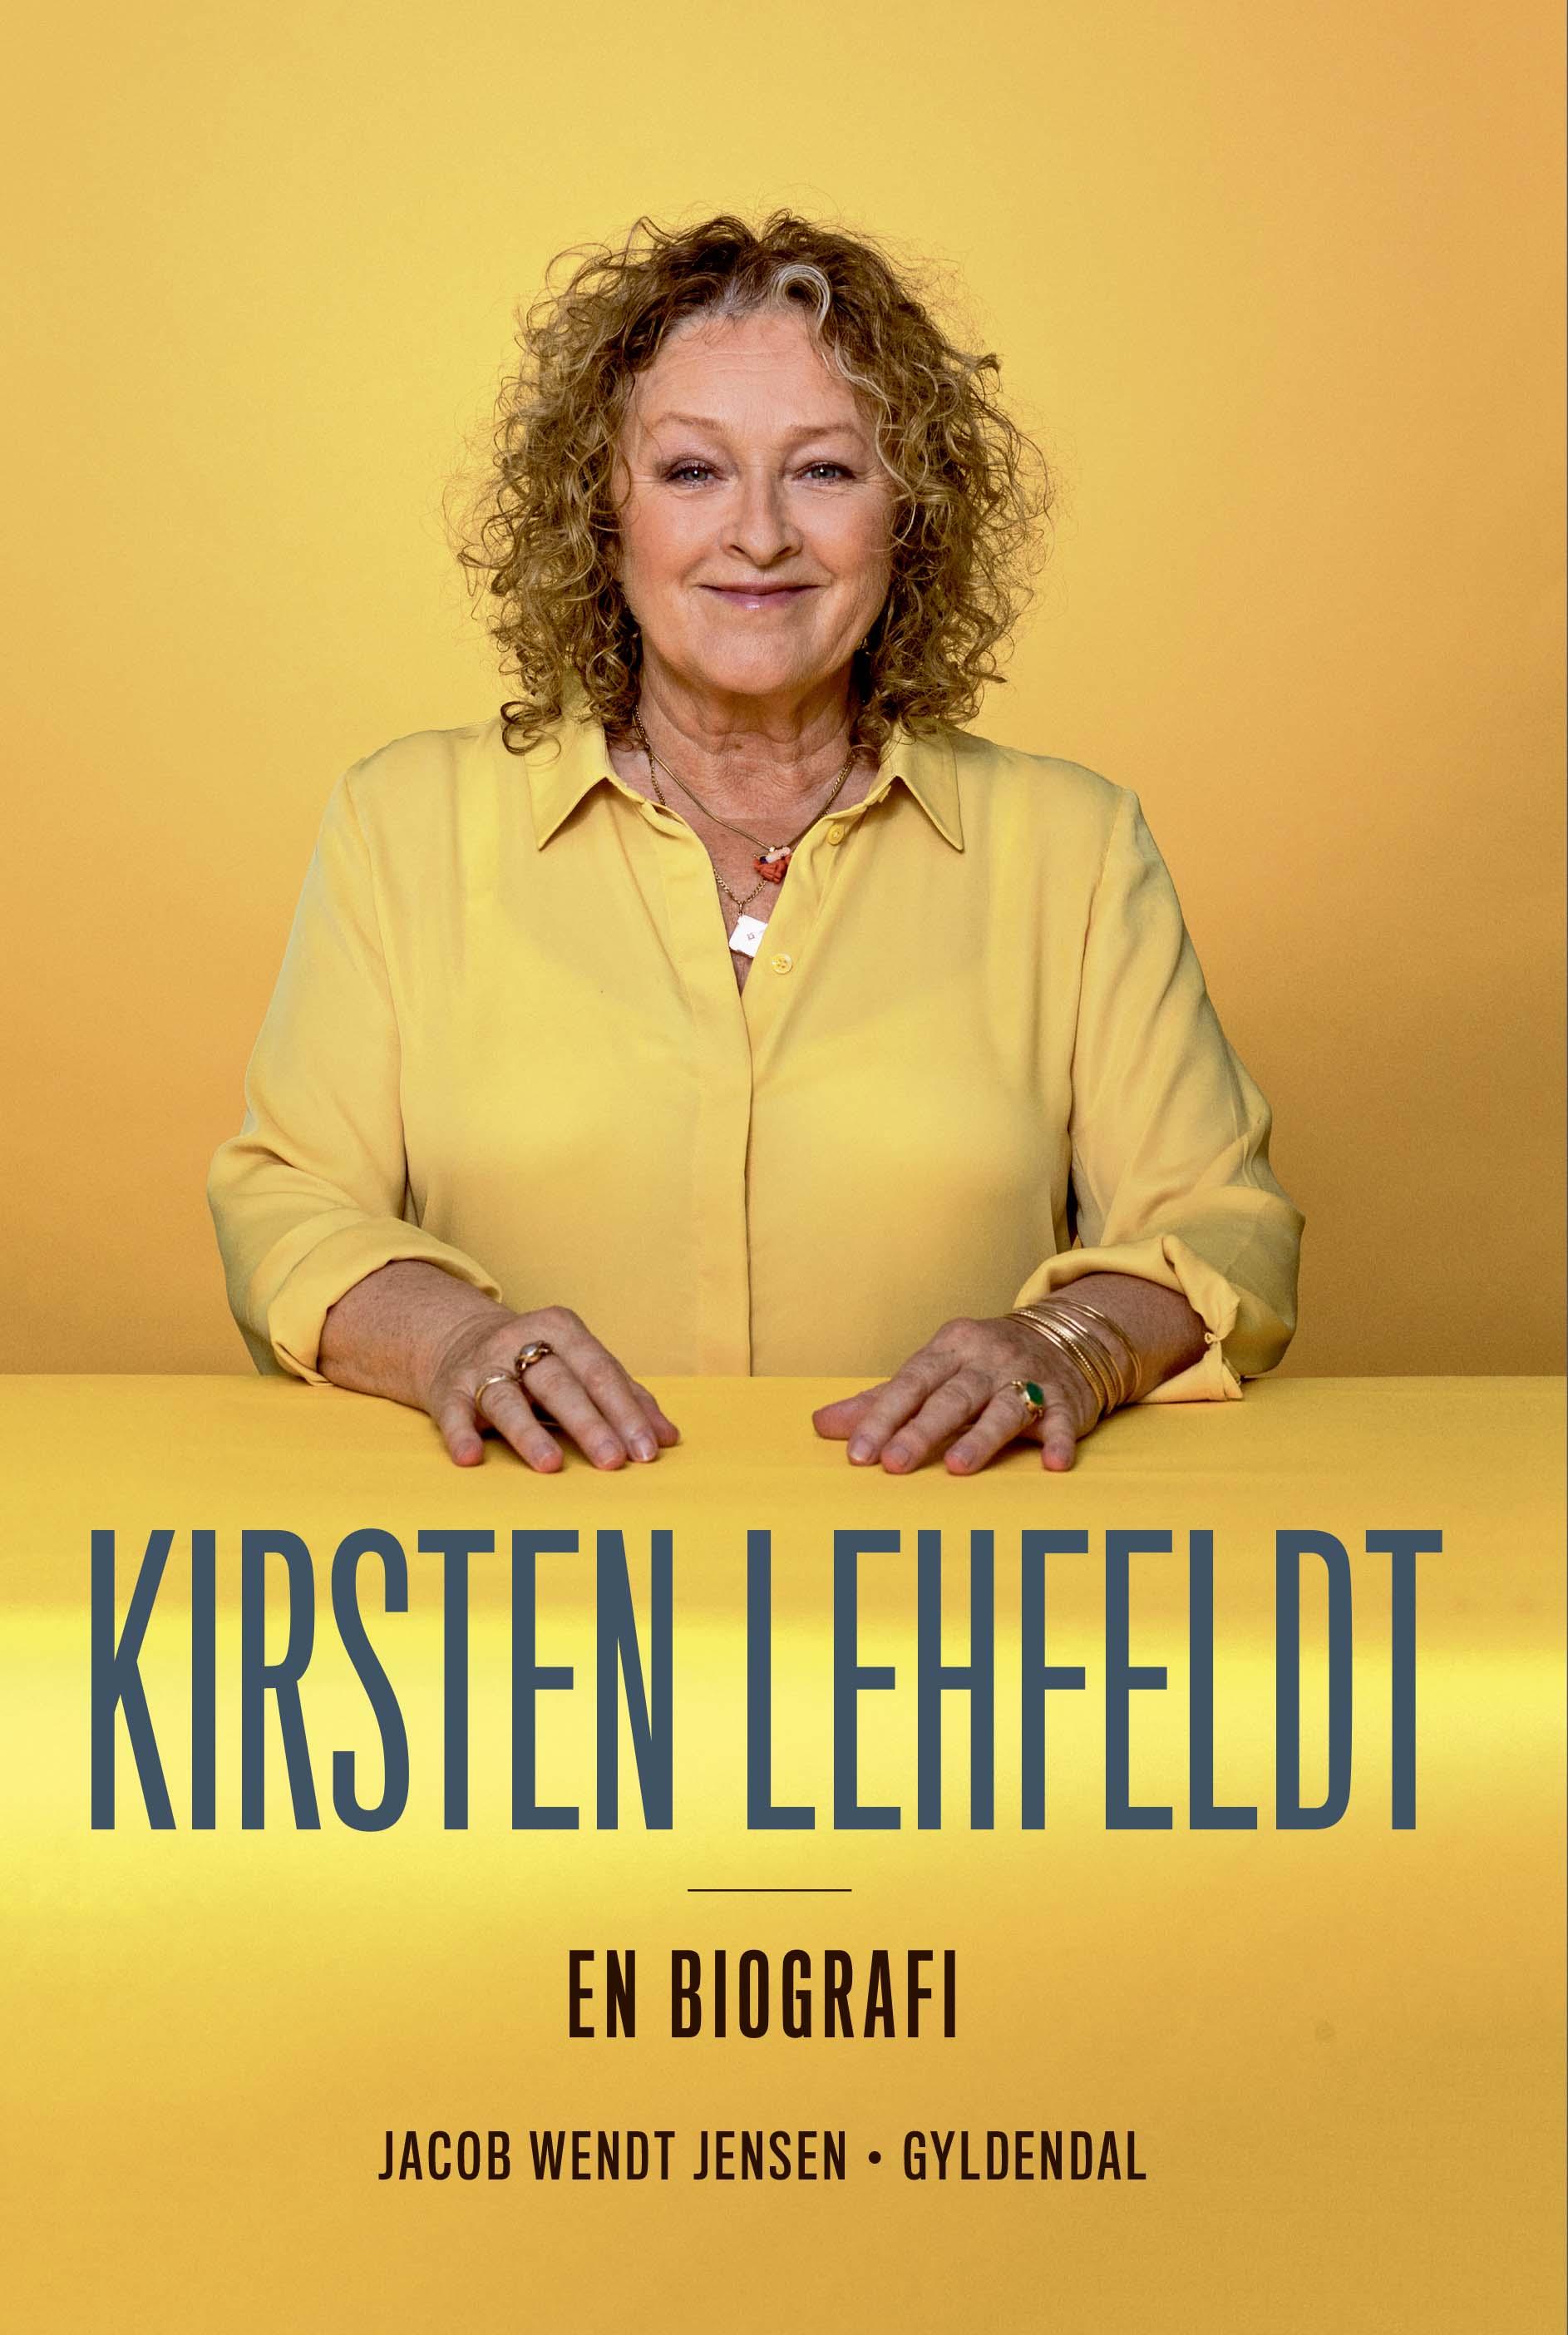 KirstenLehfeldt